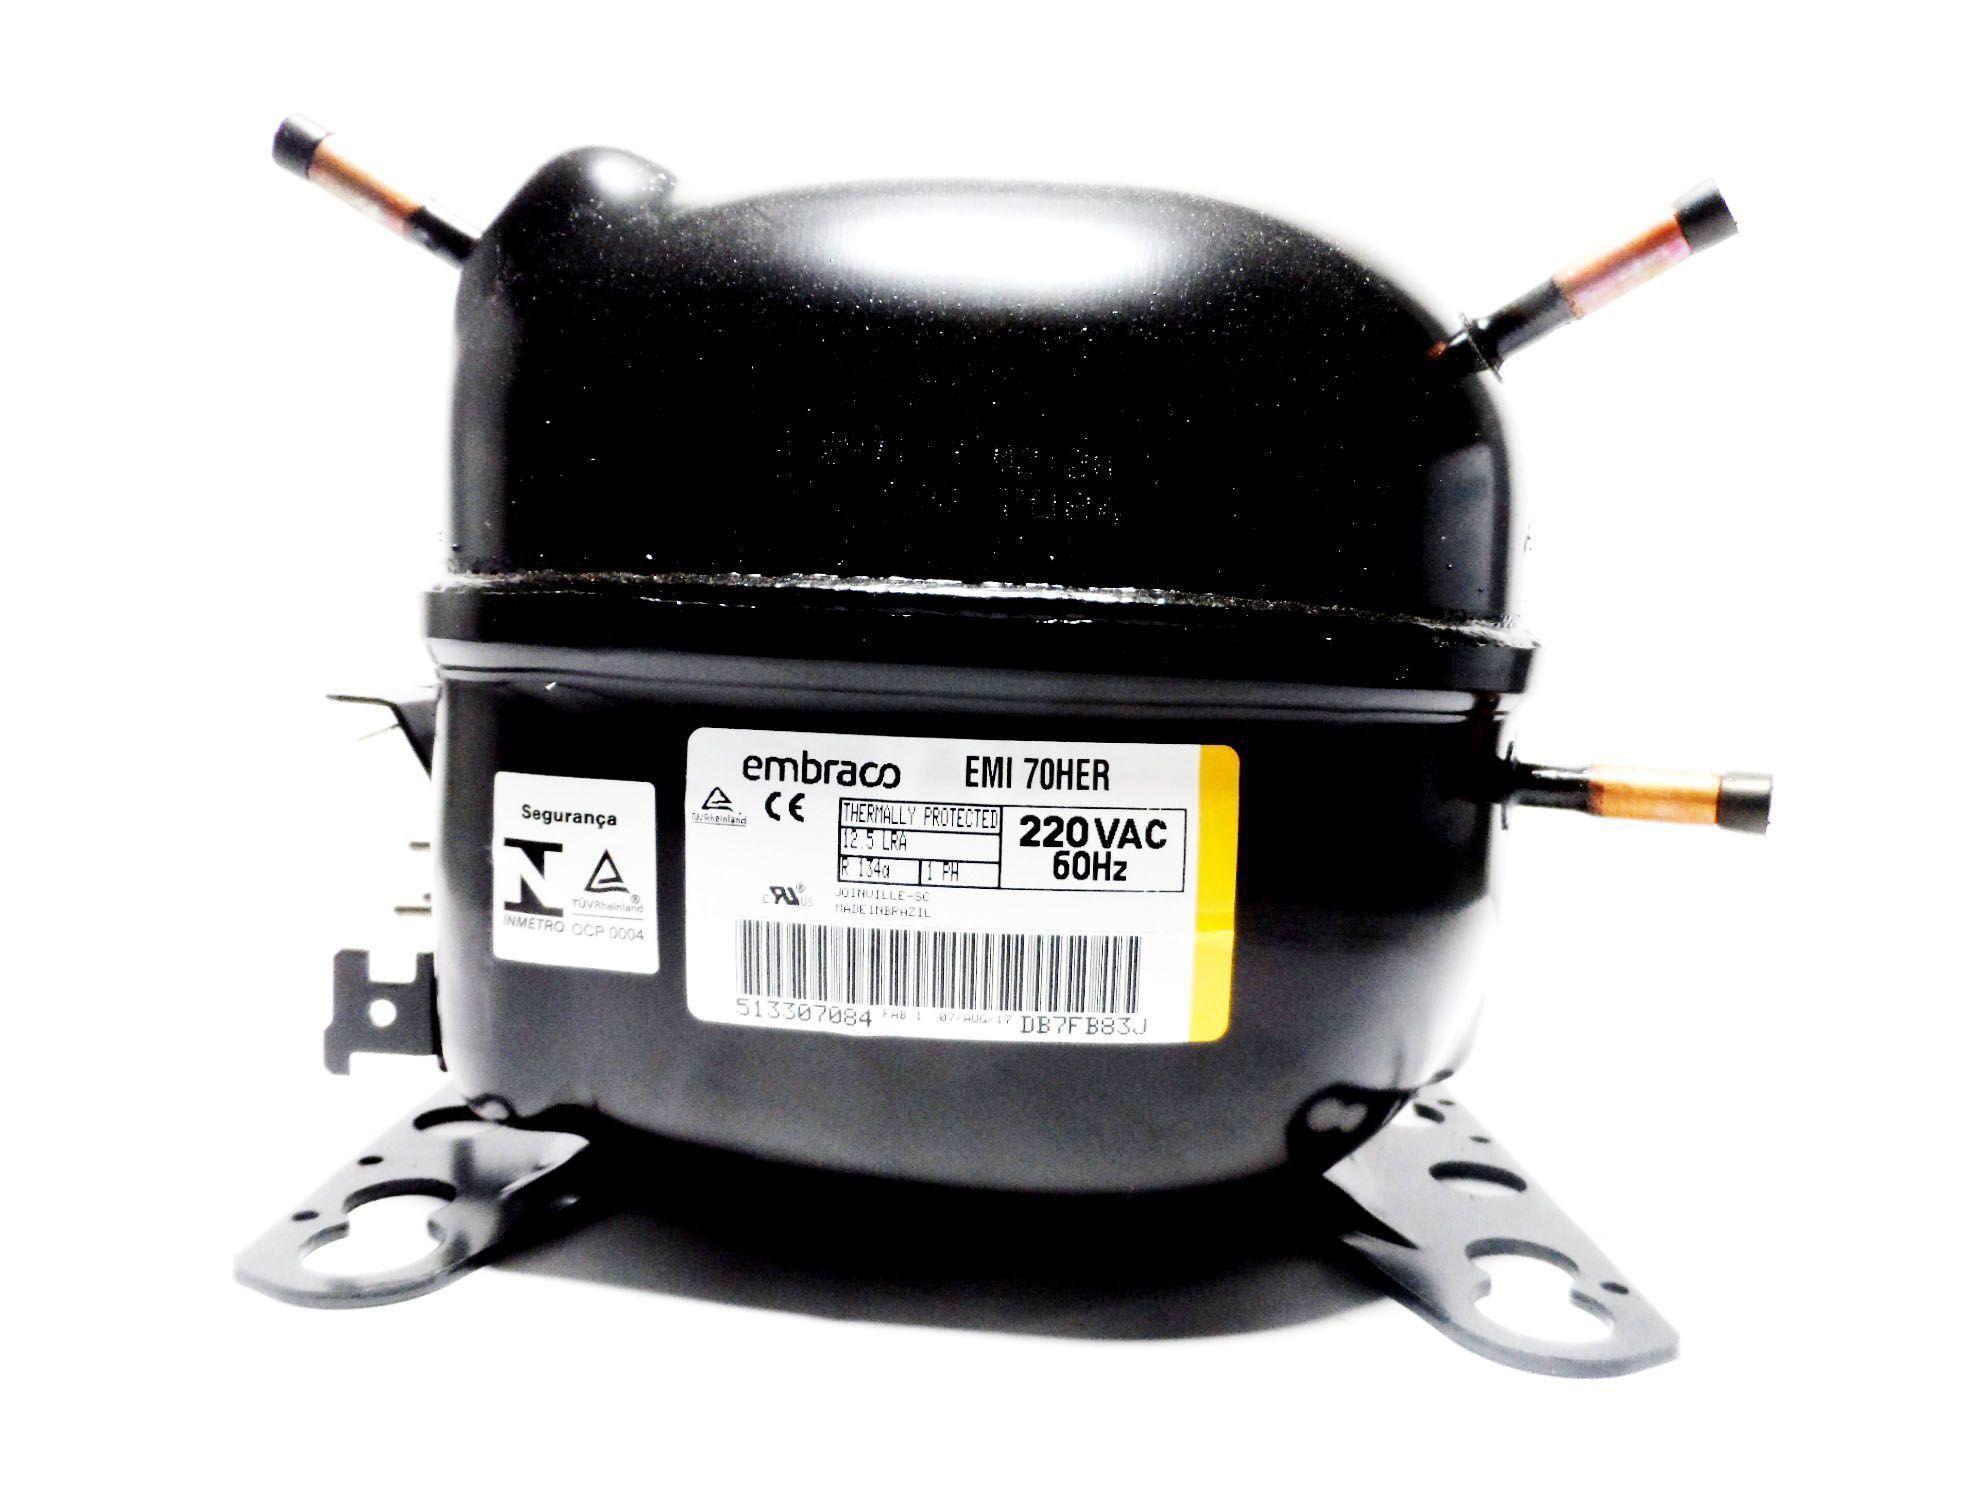 Motor Compressor Embraco 1/5 220V R134A Geladeira EMI70HER W10393810